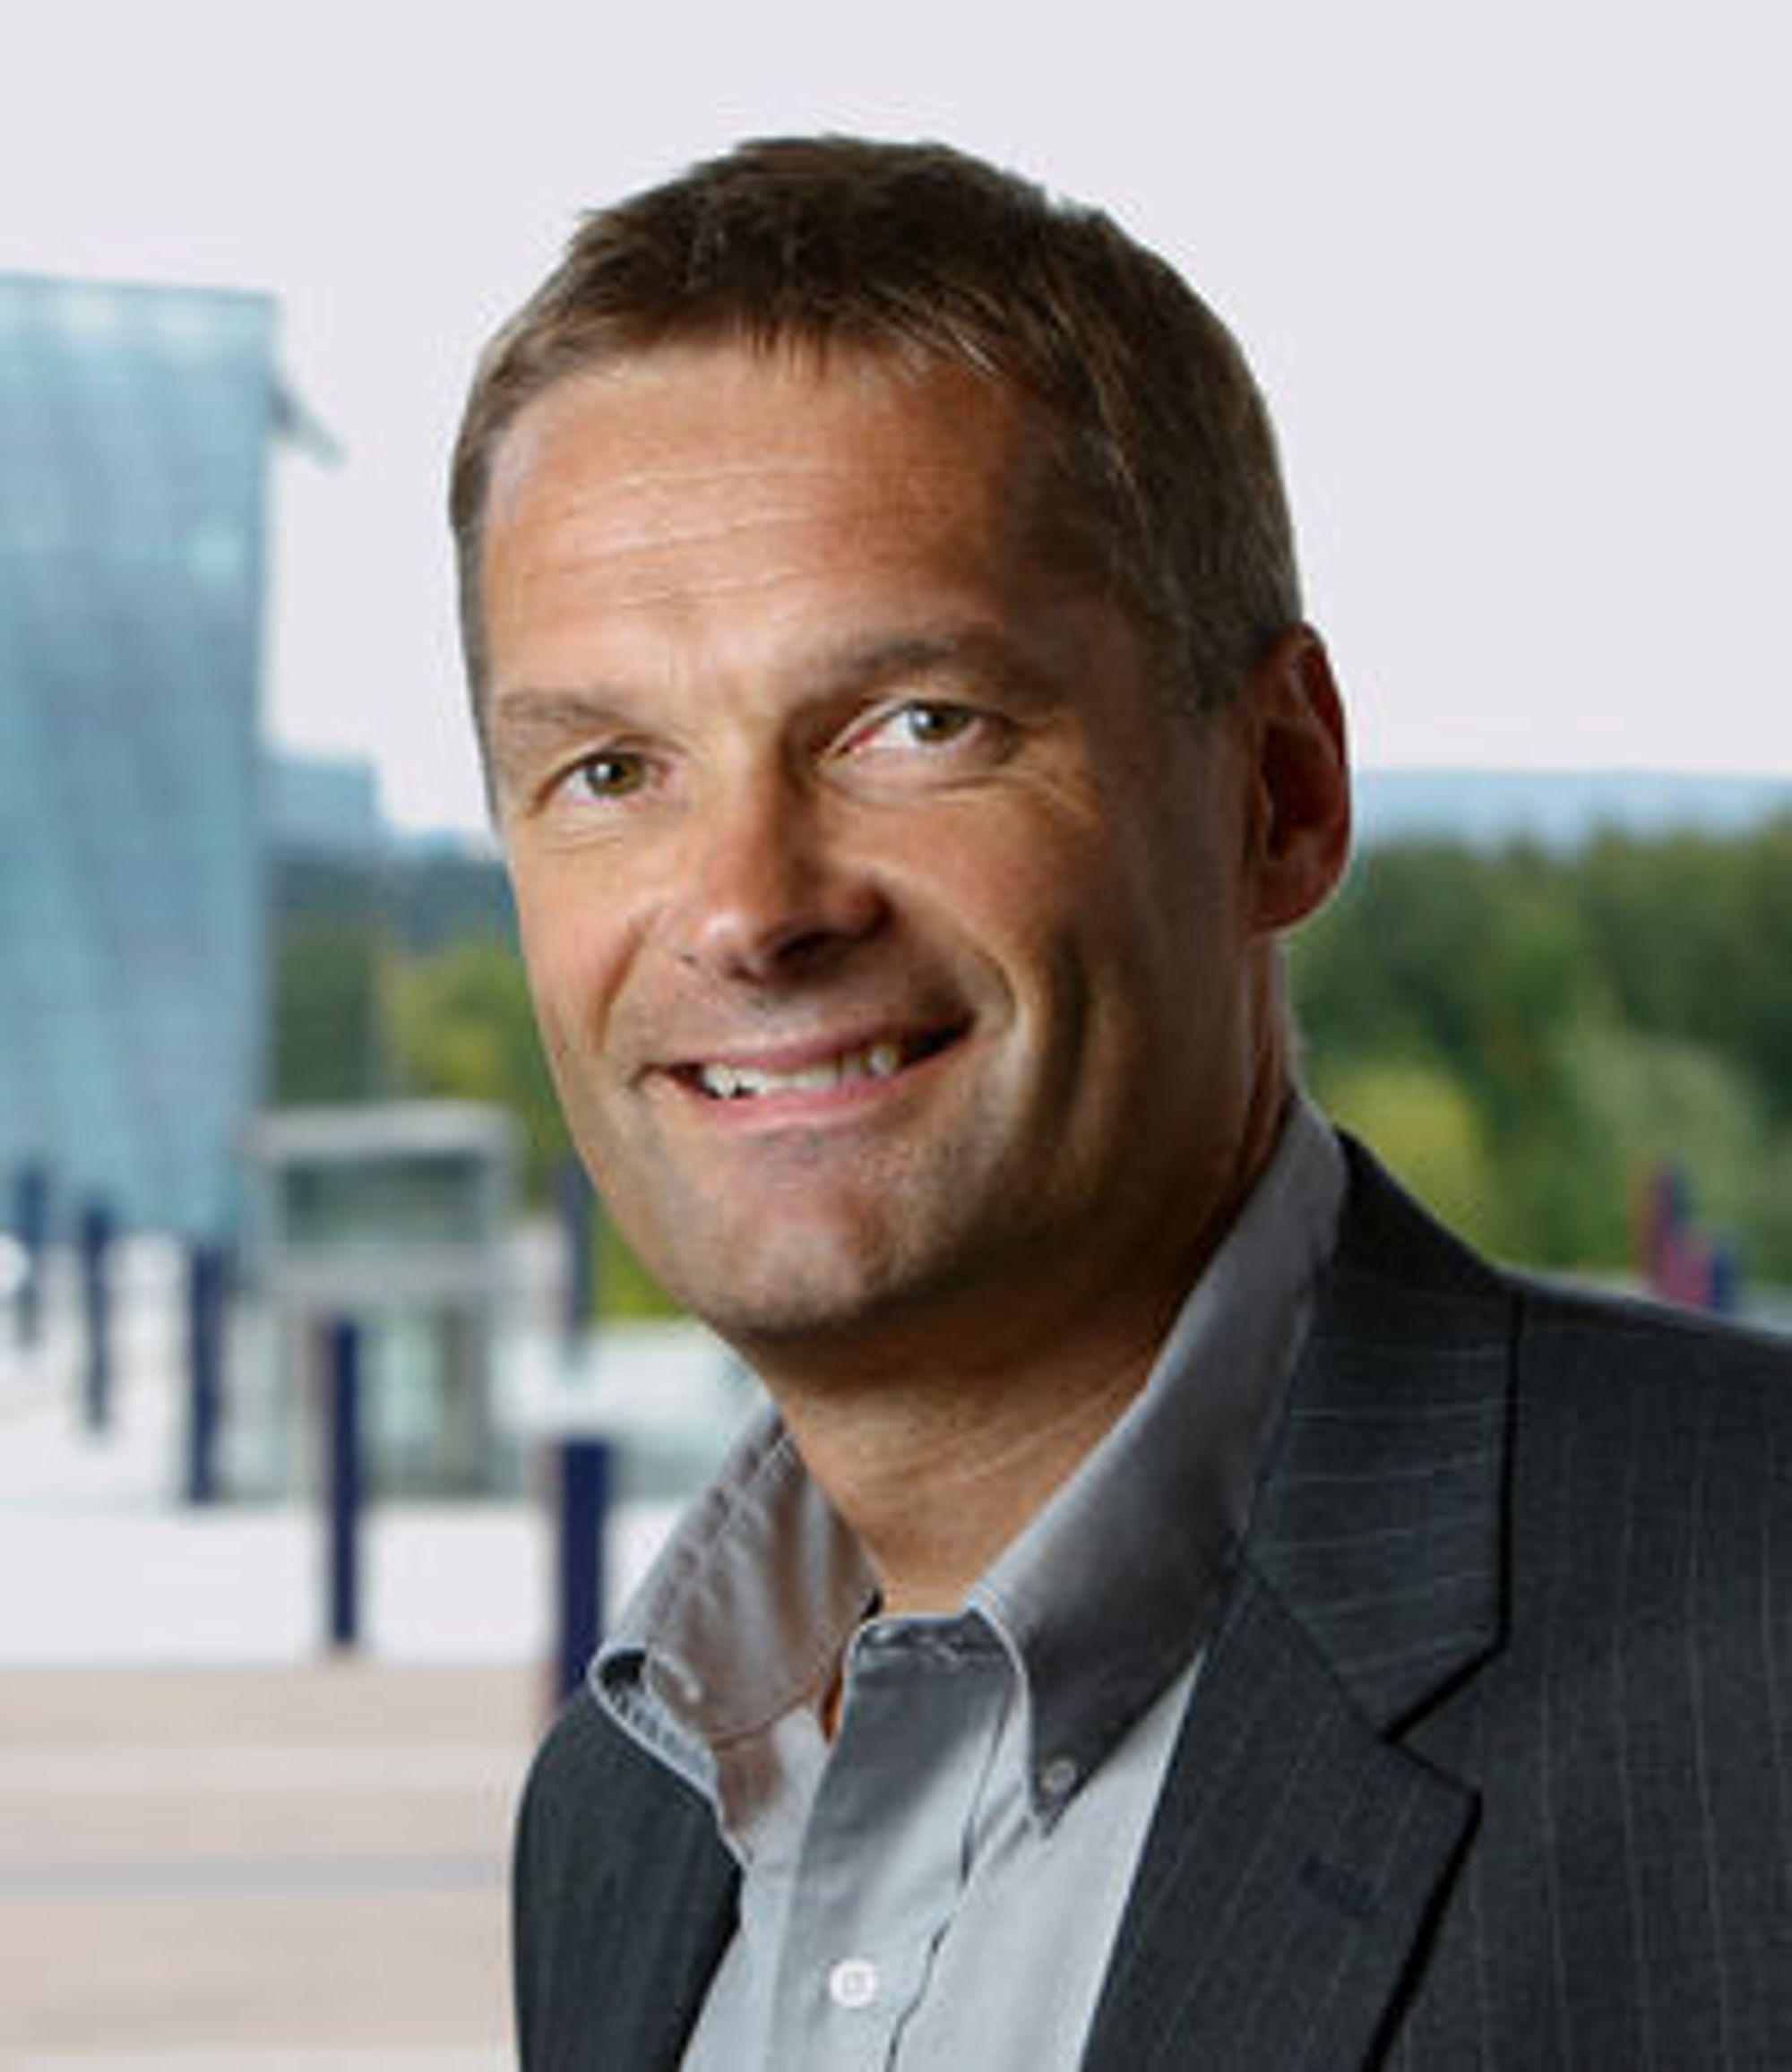 Abraham Foss i Telenor ivaretar sikkerheten når DnB Nor-ansatte bytter ut fasttelefon med mobil.